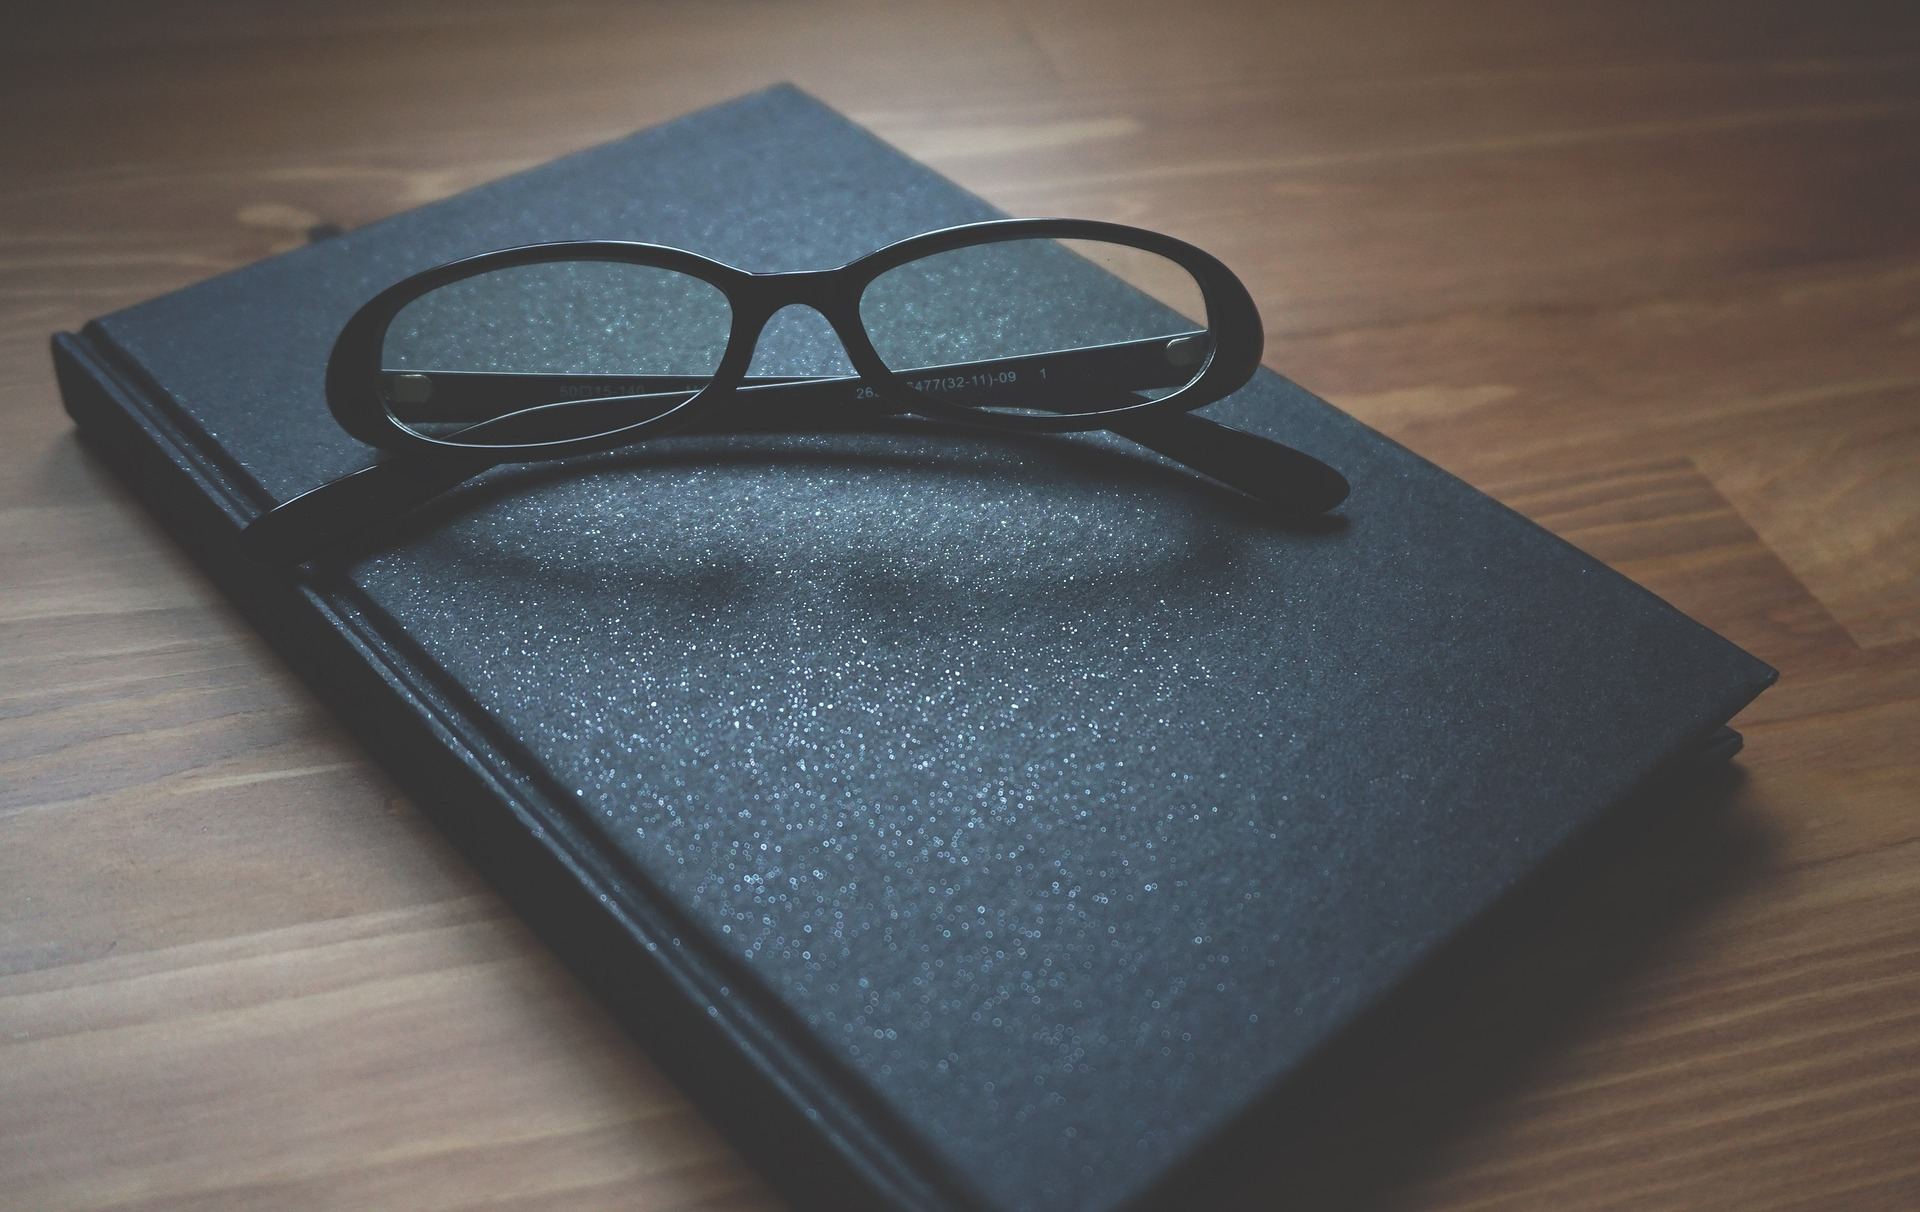 glasses-1280549_1920.jpg